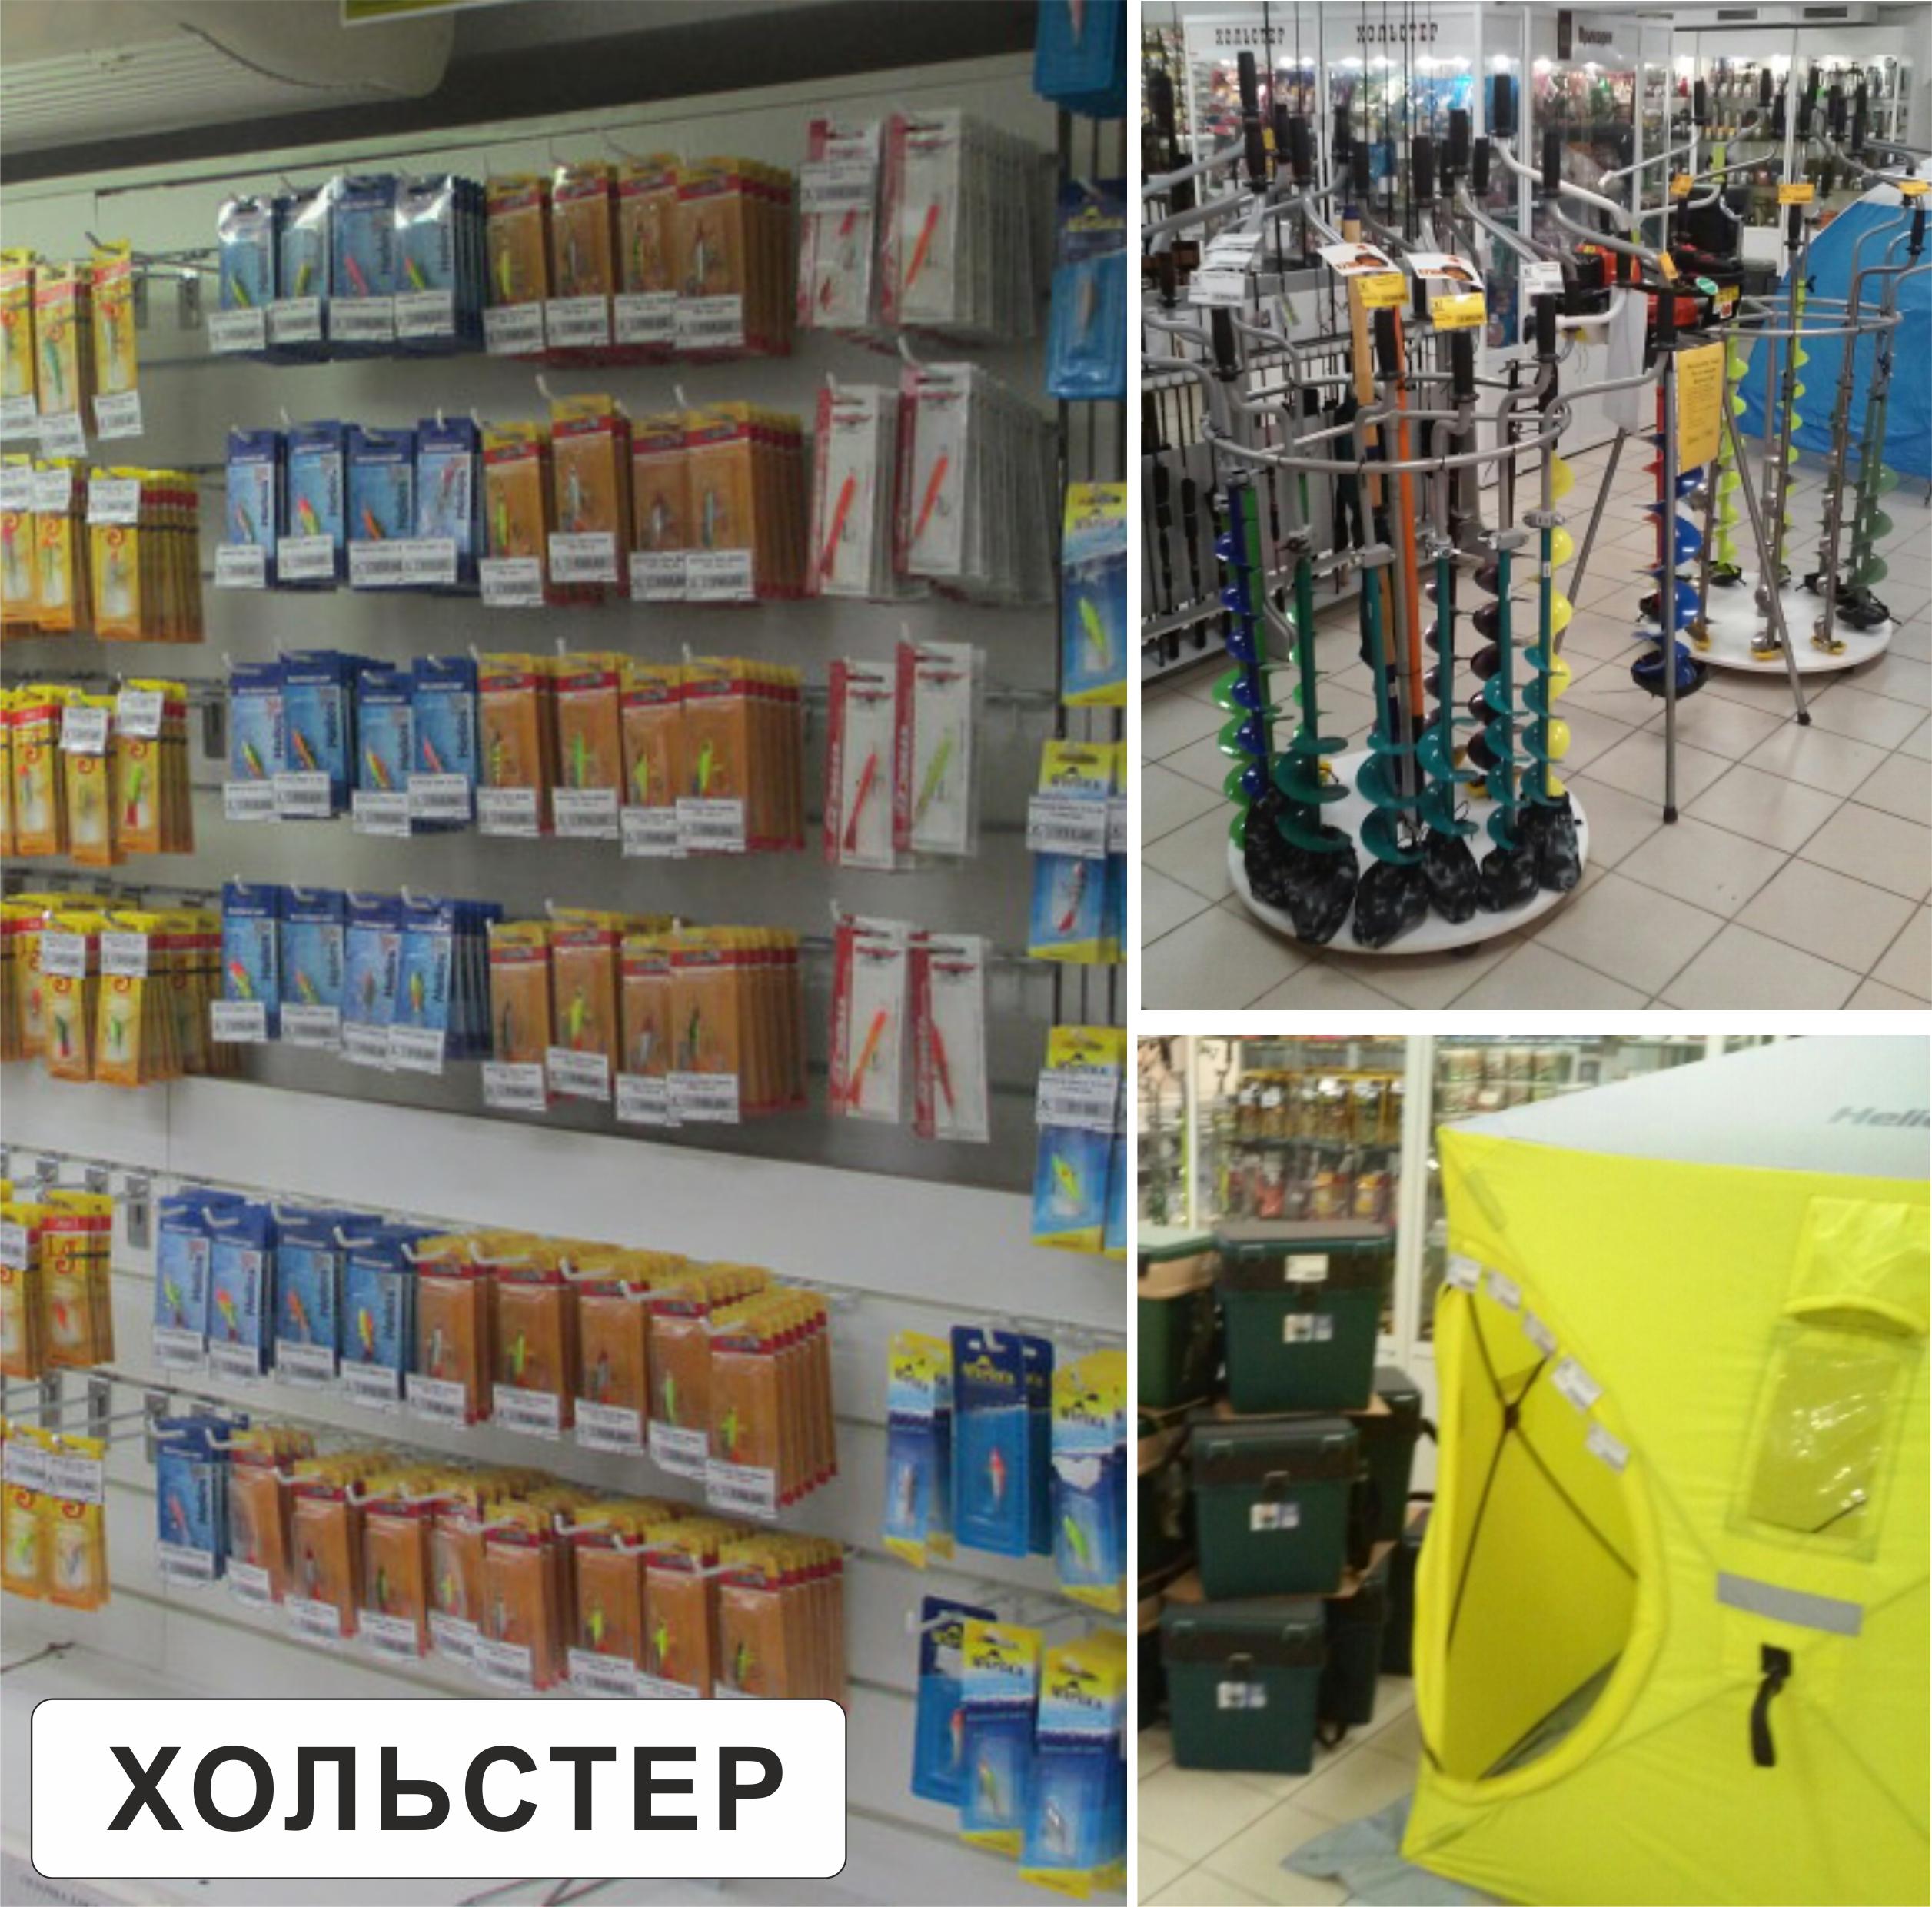 ижевск магазин подарки рыболовный отдел